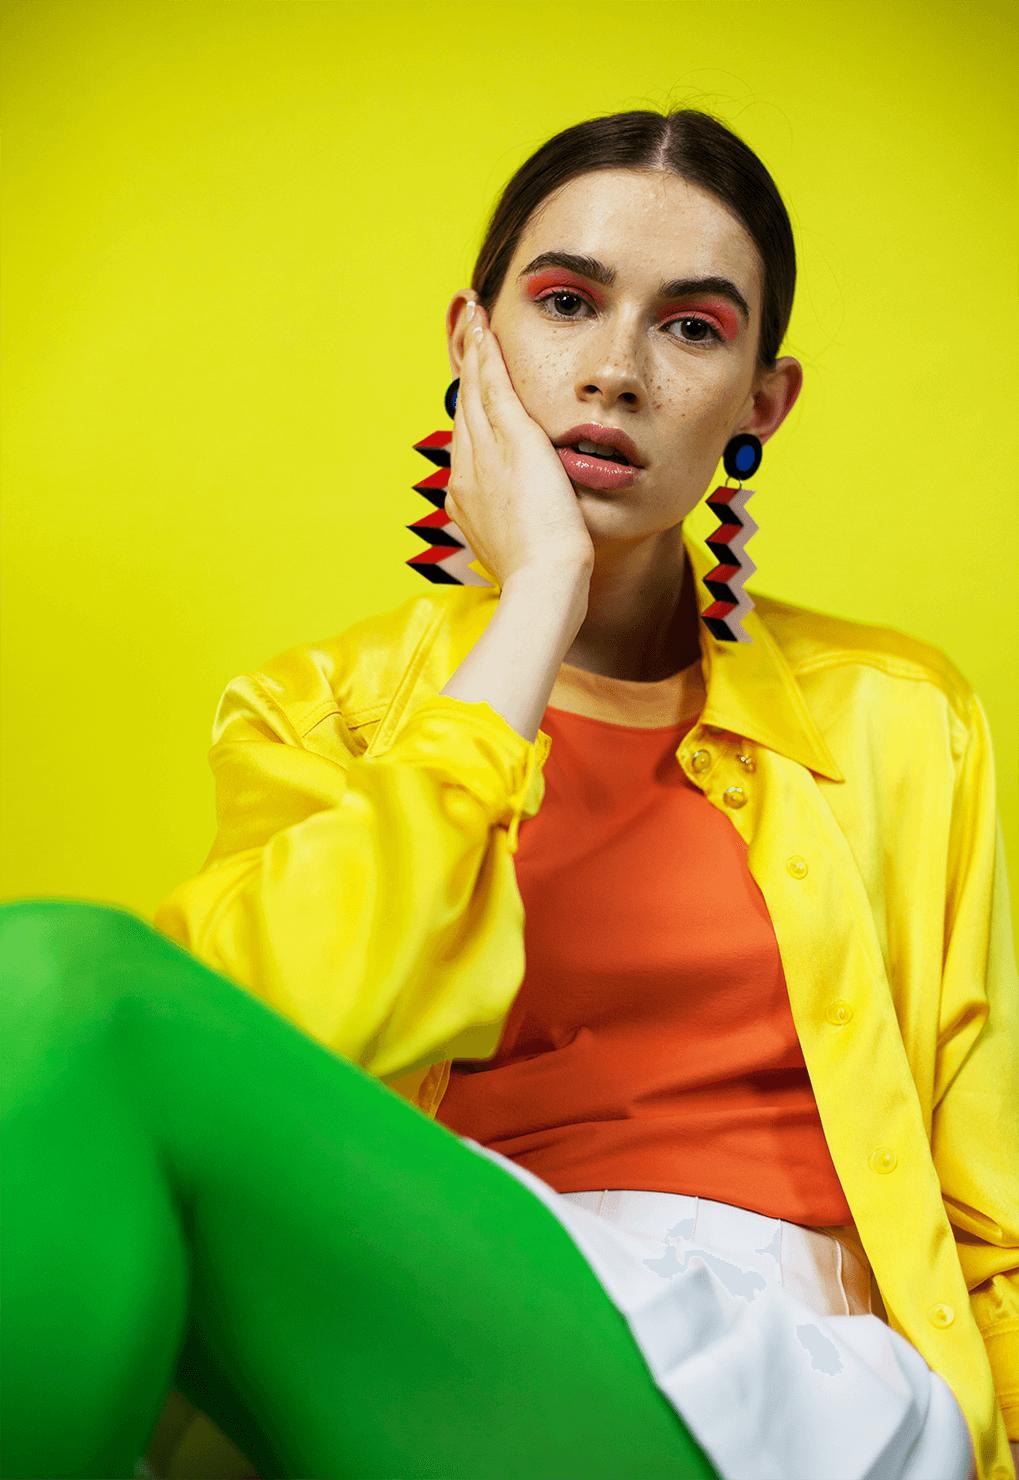 Yellow - 17